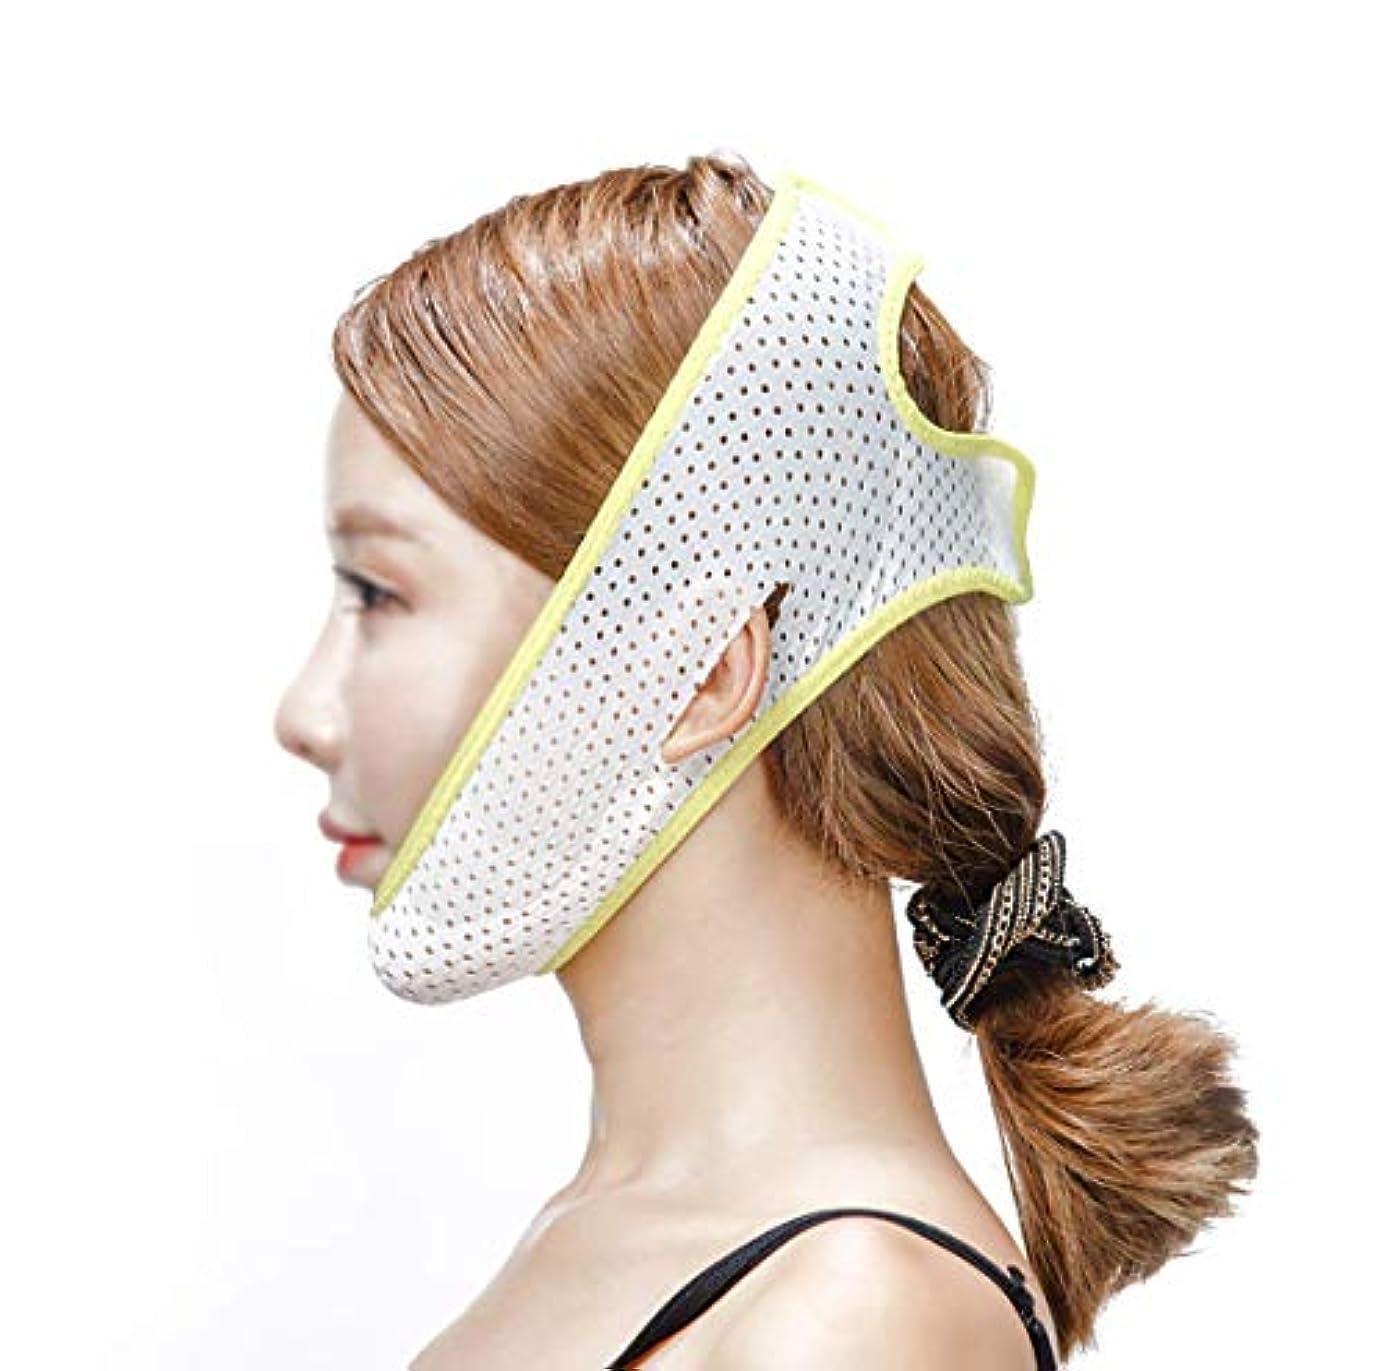 フェイスリフトマスク、あごストラップ回復包帯睡眠薄いフェイス包帯薄いフェイスマスクフェイスリフトアーチファクトフェイスリフトで小さいV顔を強化する美容マスク包帯(色:黄色と白)